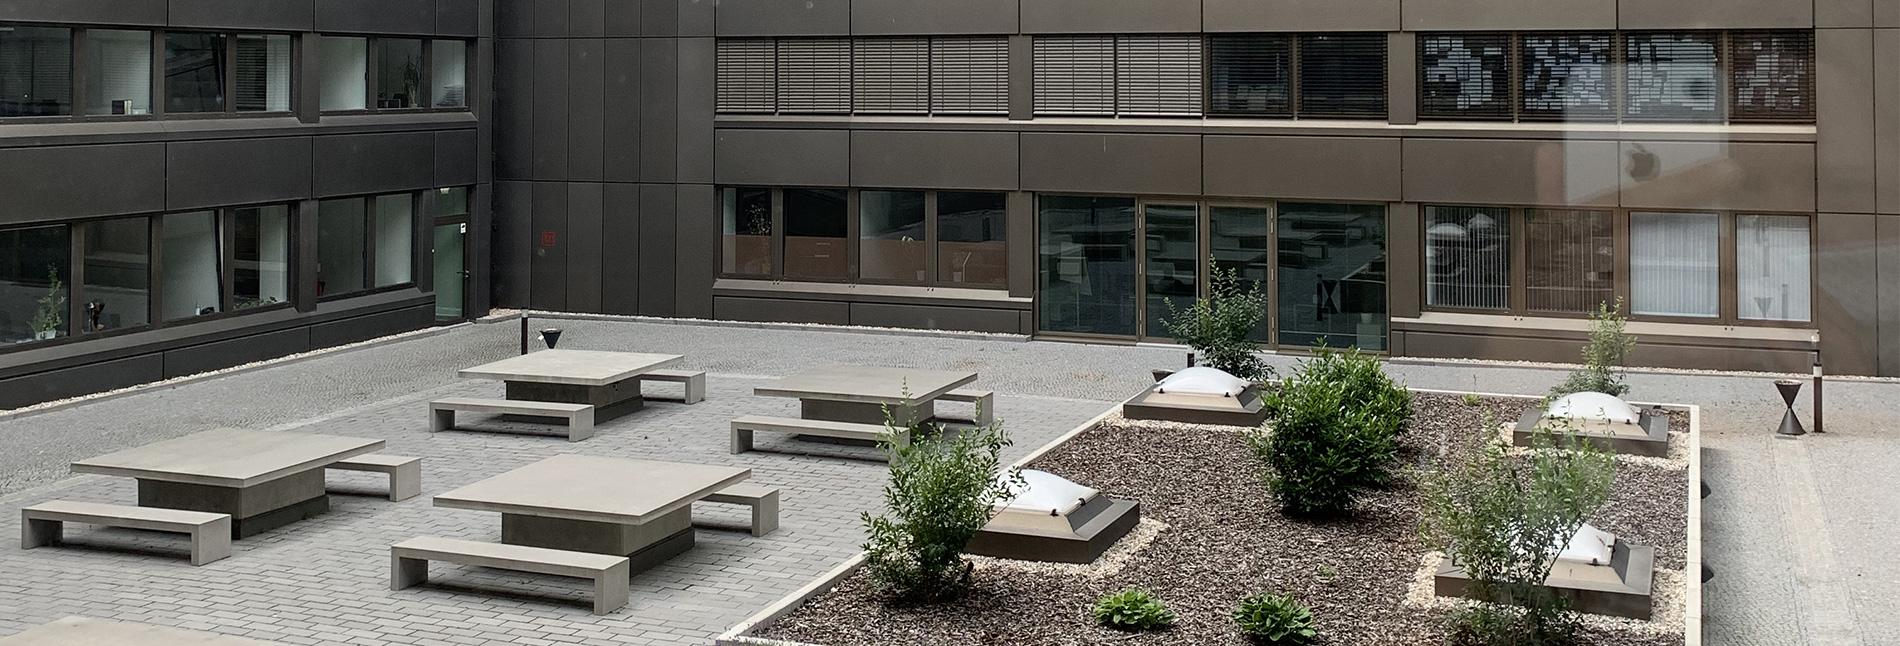 Sitzgelegenheiten auf der sonnigen Terrasse.